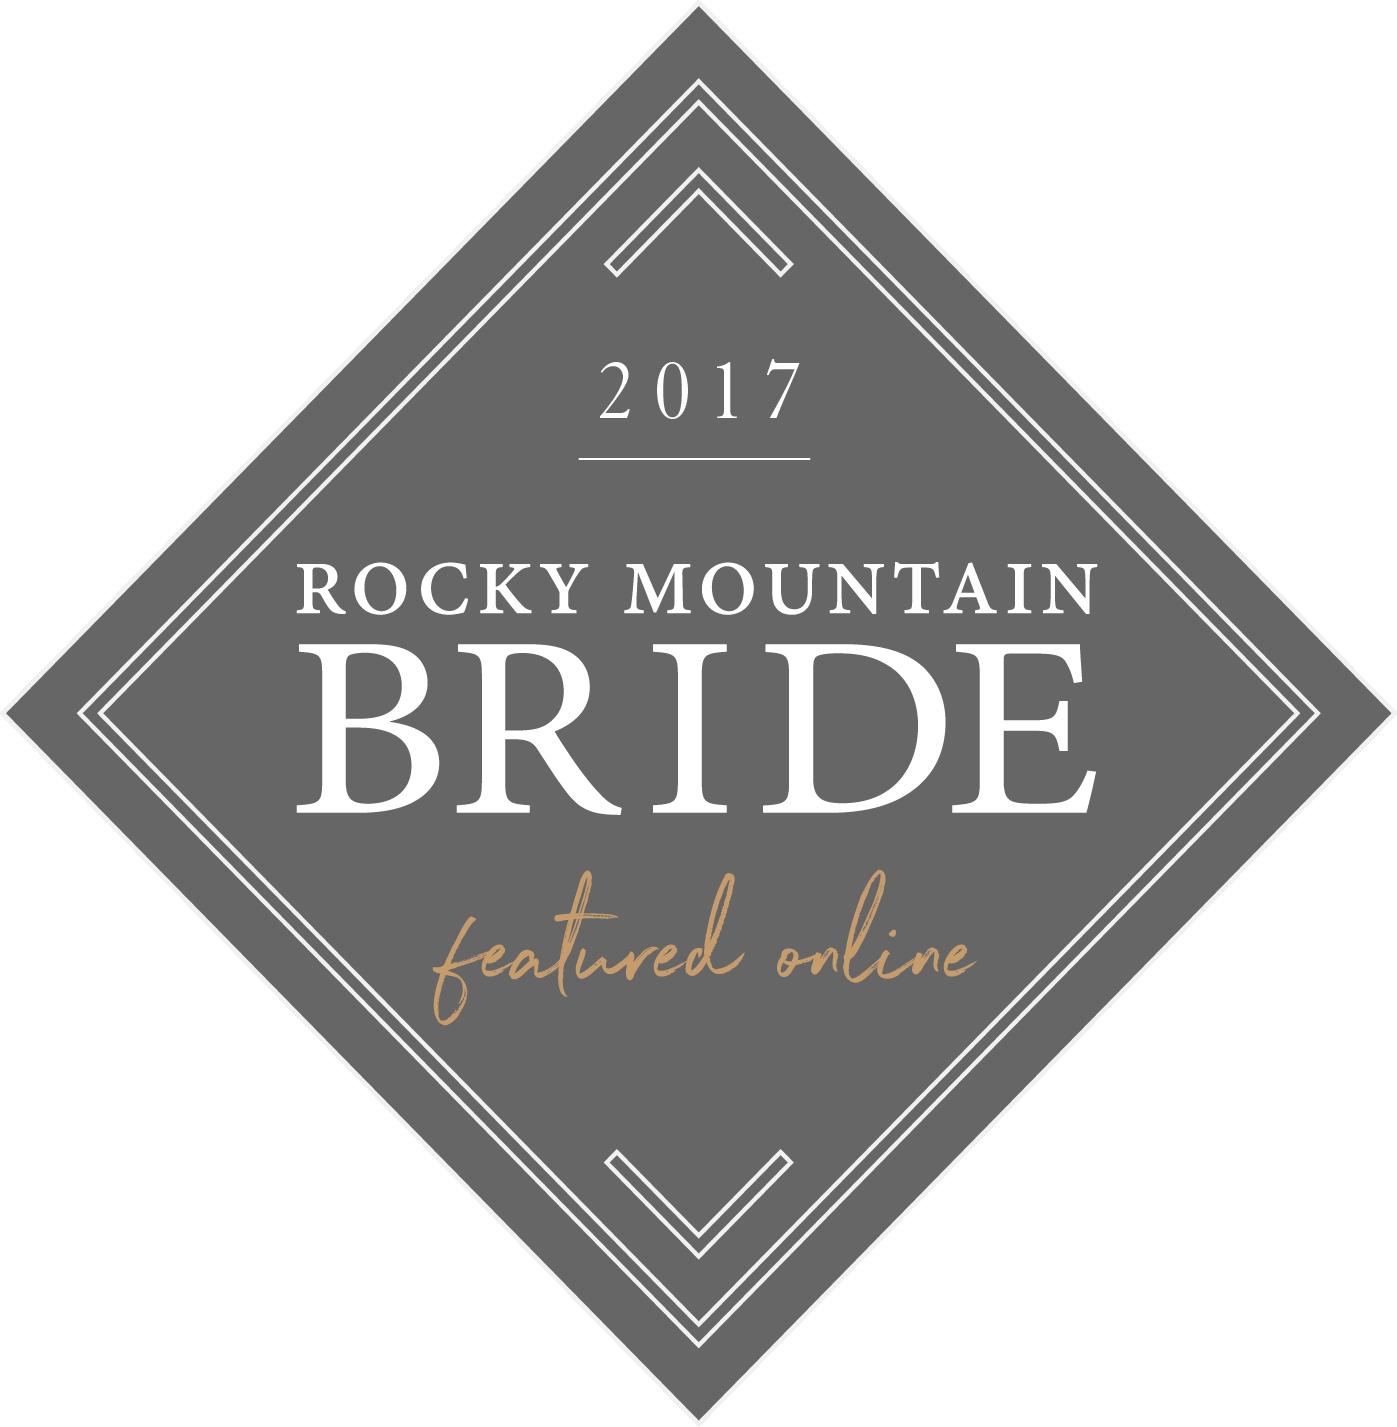 http://www.rockymountainbride.com/blog/ya-ya-farm-orchard-wedding-emma-tyler/